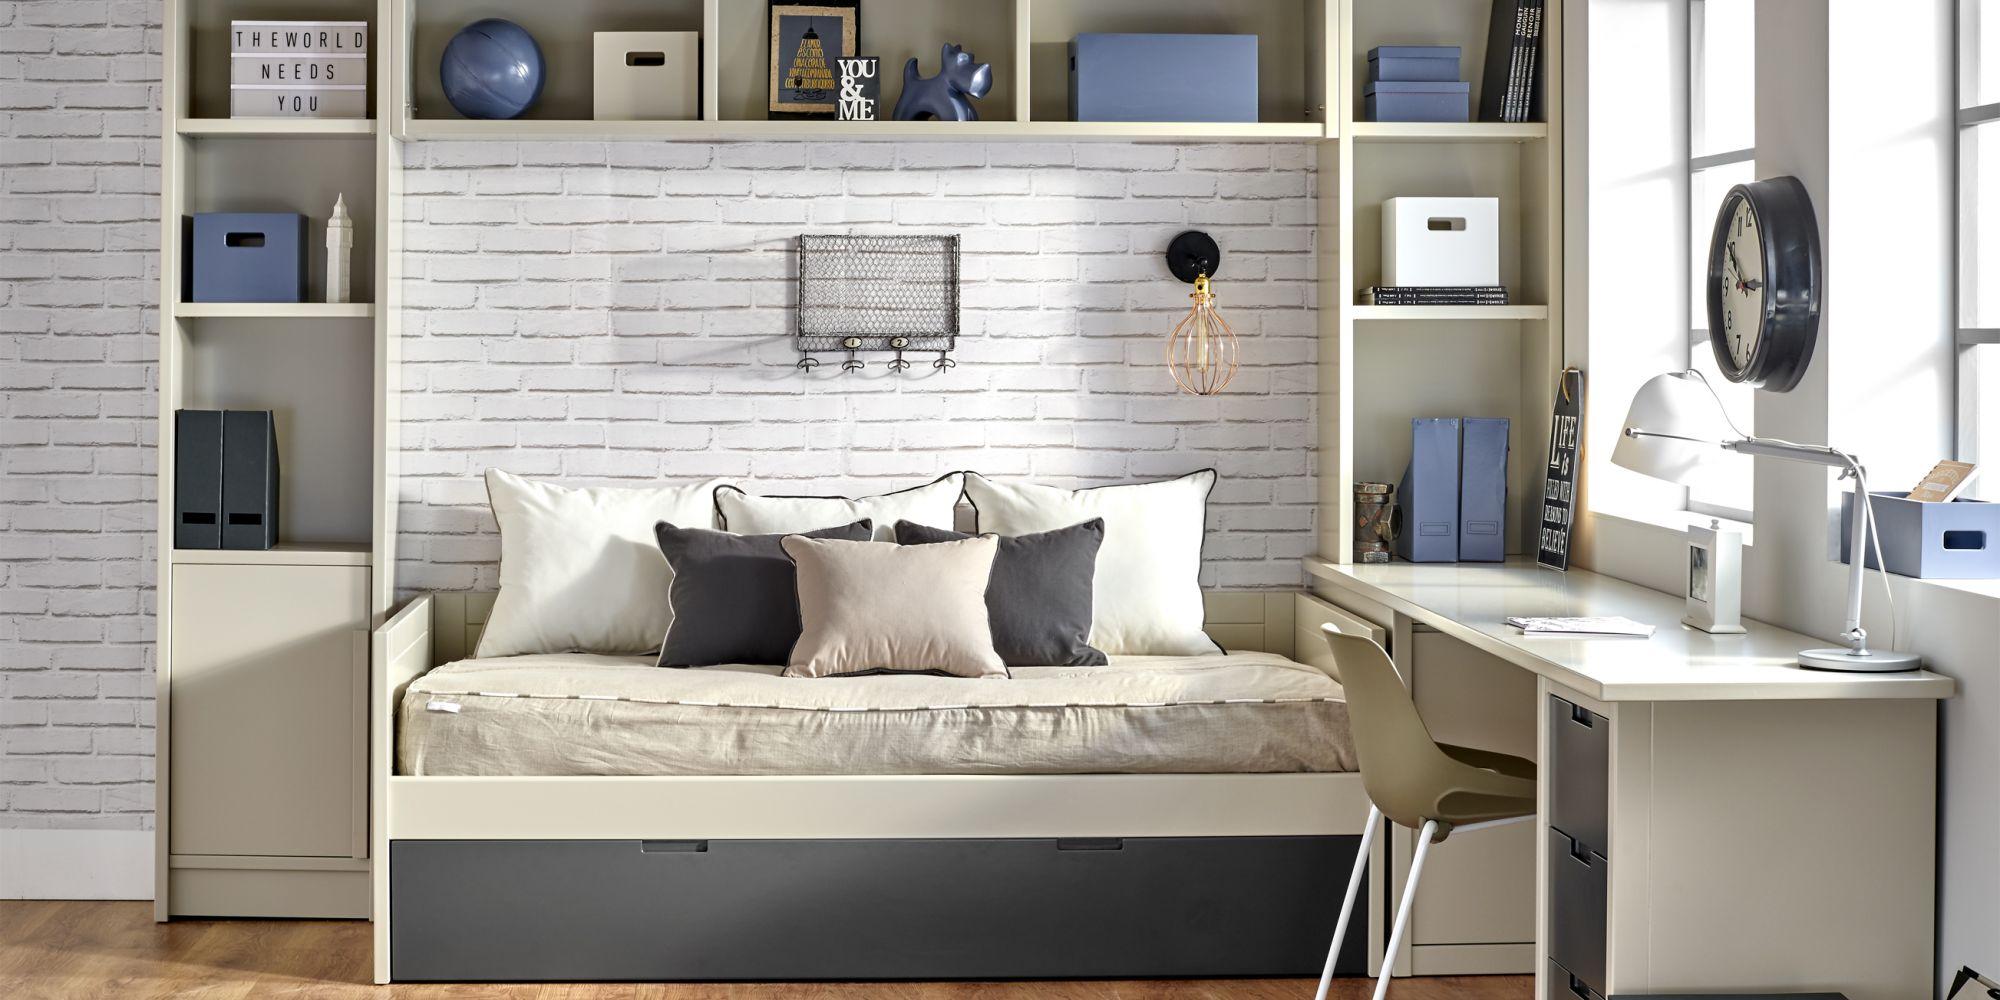 Nido con 2 camas y zona de almacenaje con 2 librerías y puente, estancia ideal para habitación juvenil | Mueble Juvenil